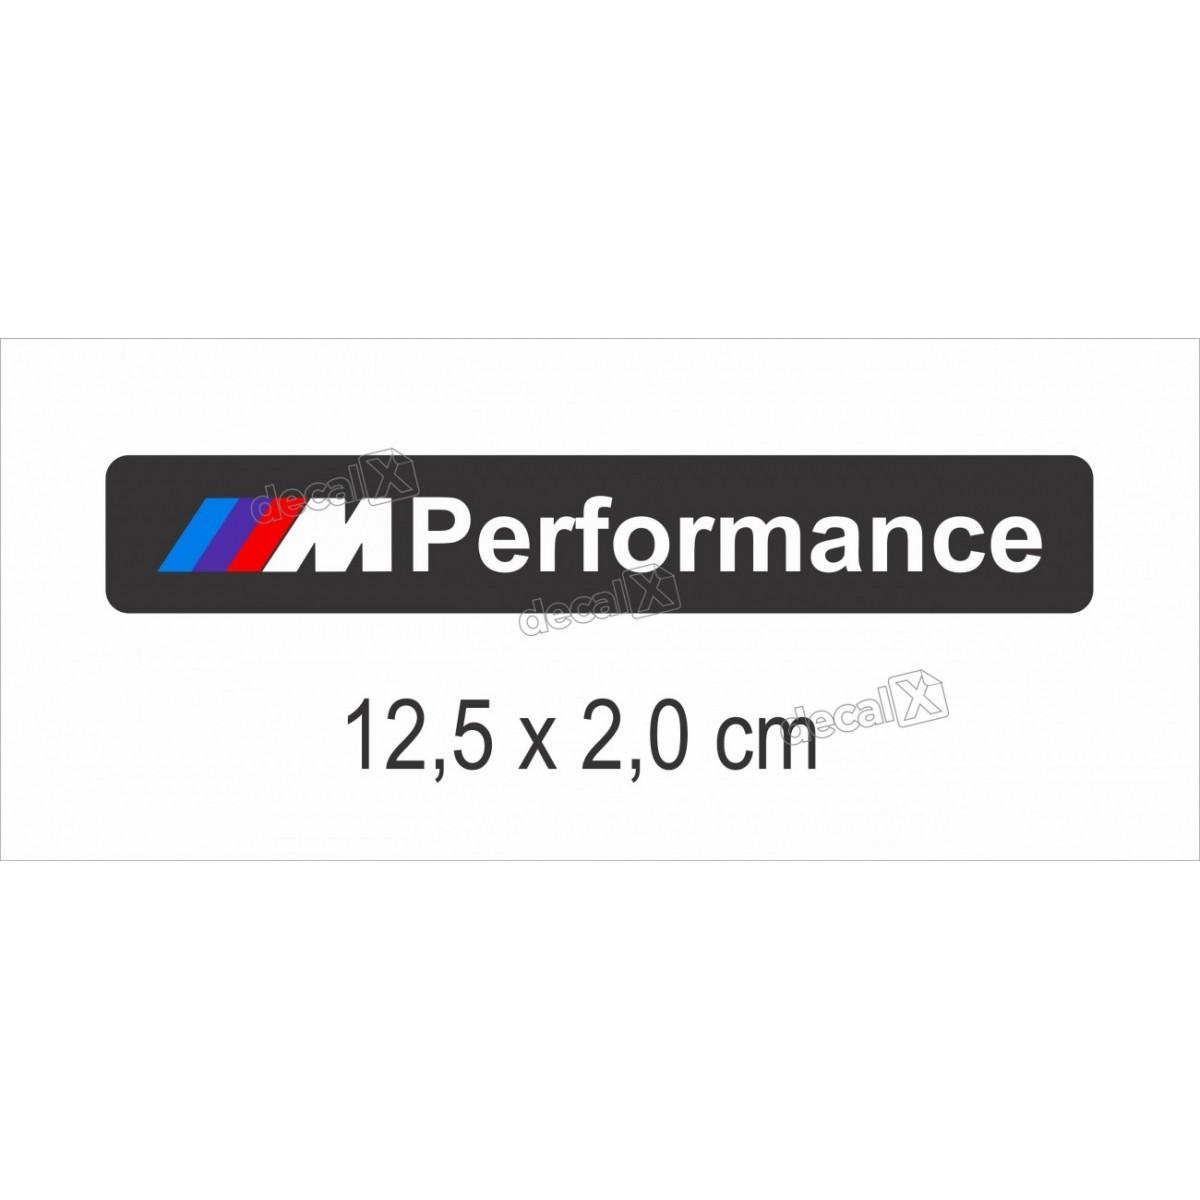 Emblema Adesivo Resinado Bmw Performance Preto Decalx